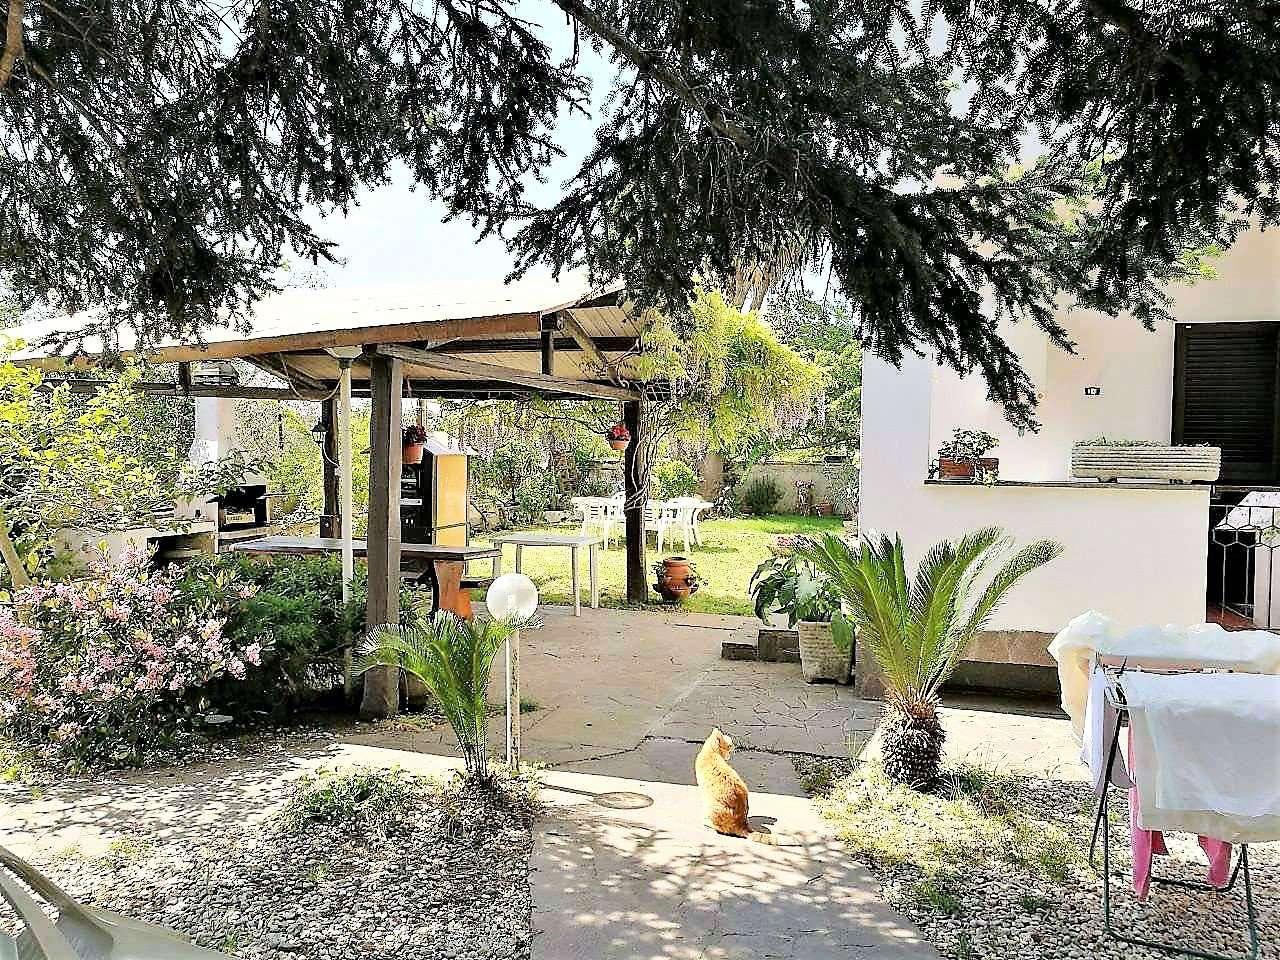 Villa Bifamiliare in vendita a Roma, 8 locali, zona Zona: 24 . Gianicolense - Colli Portuensi - Monteverde, prezzo € 398.000 | CambioCasa.it